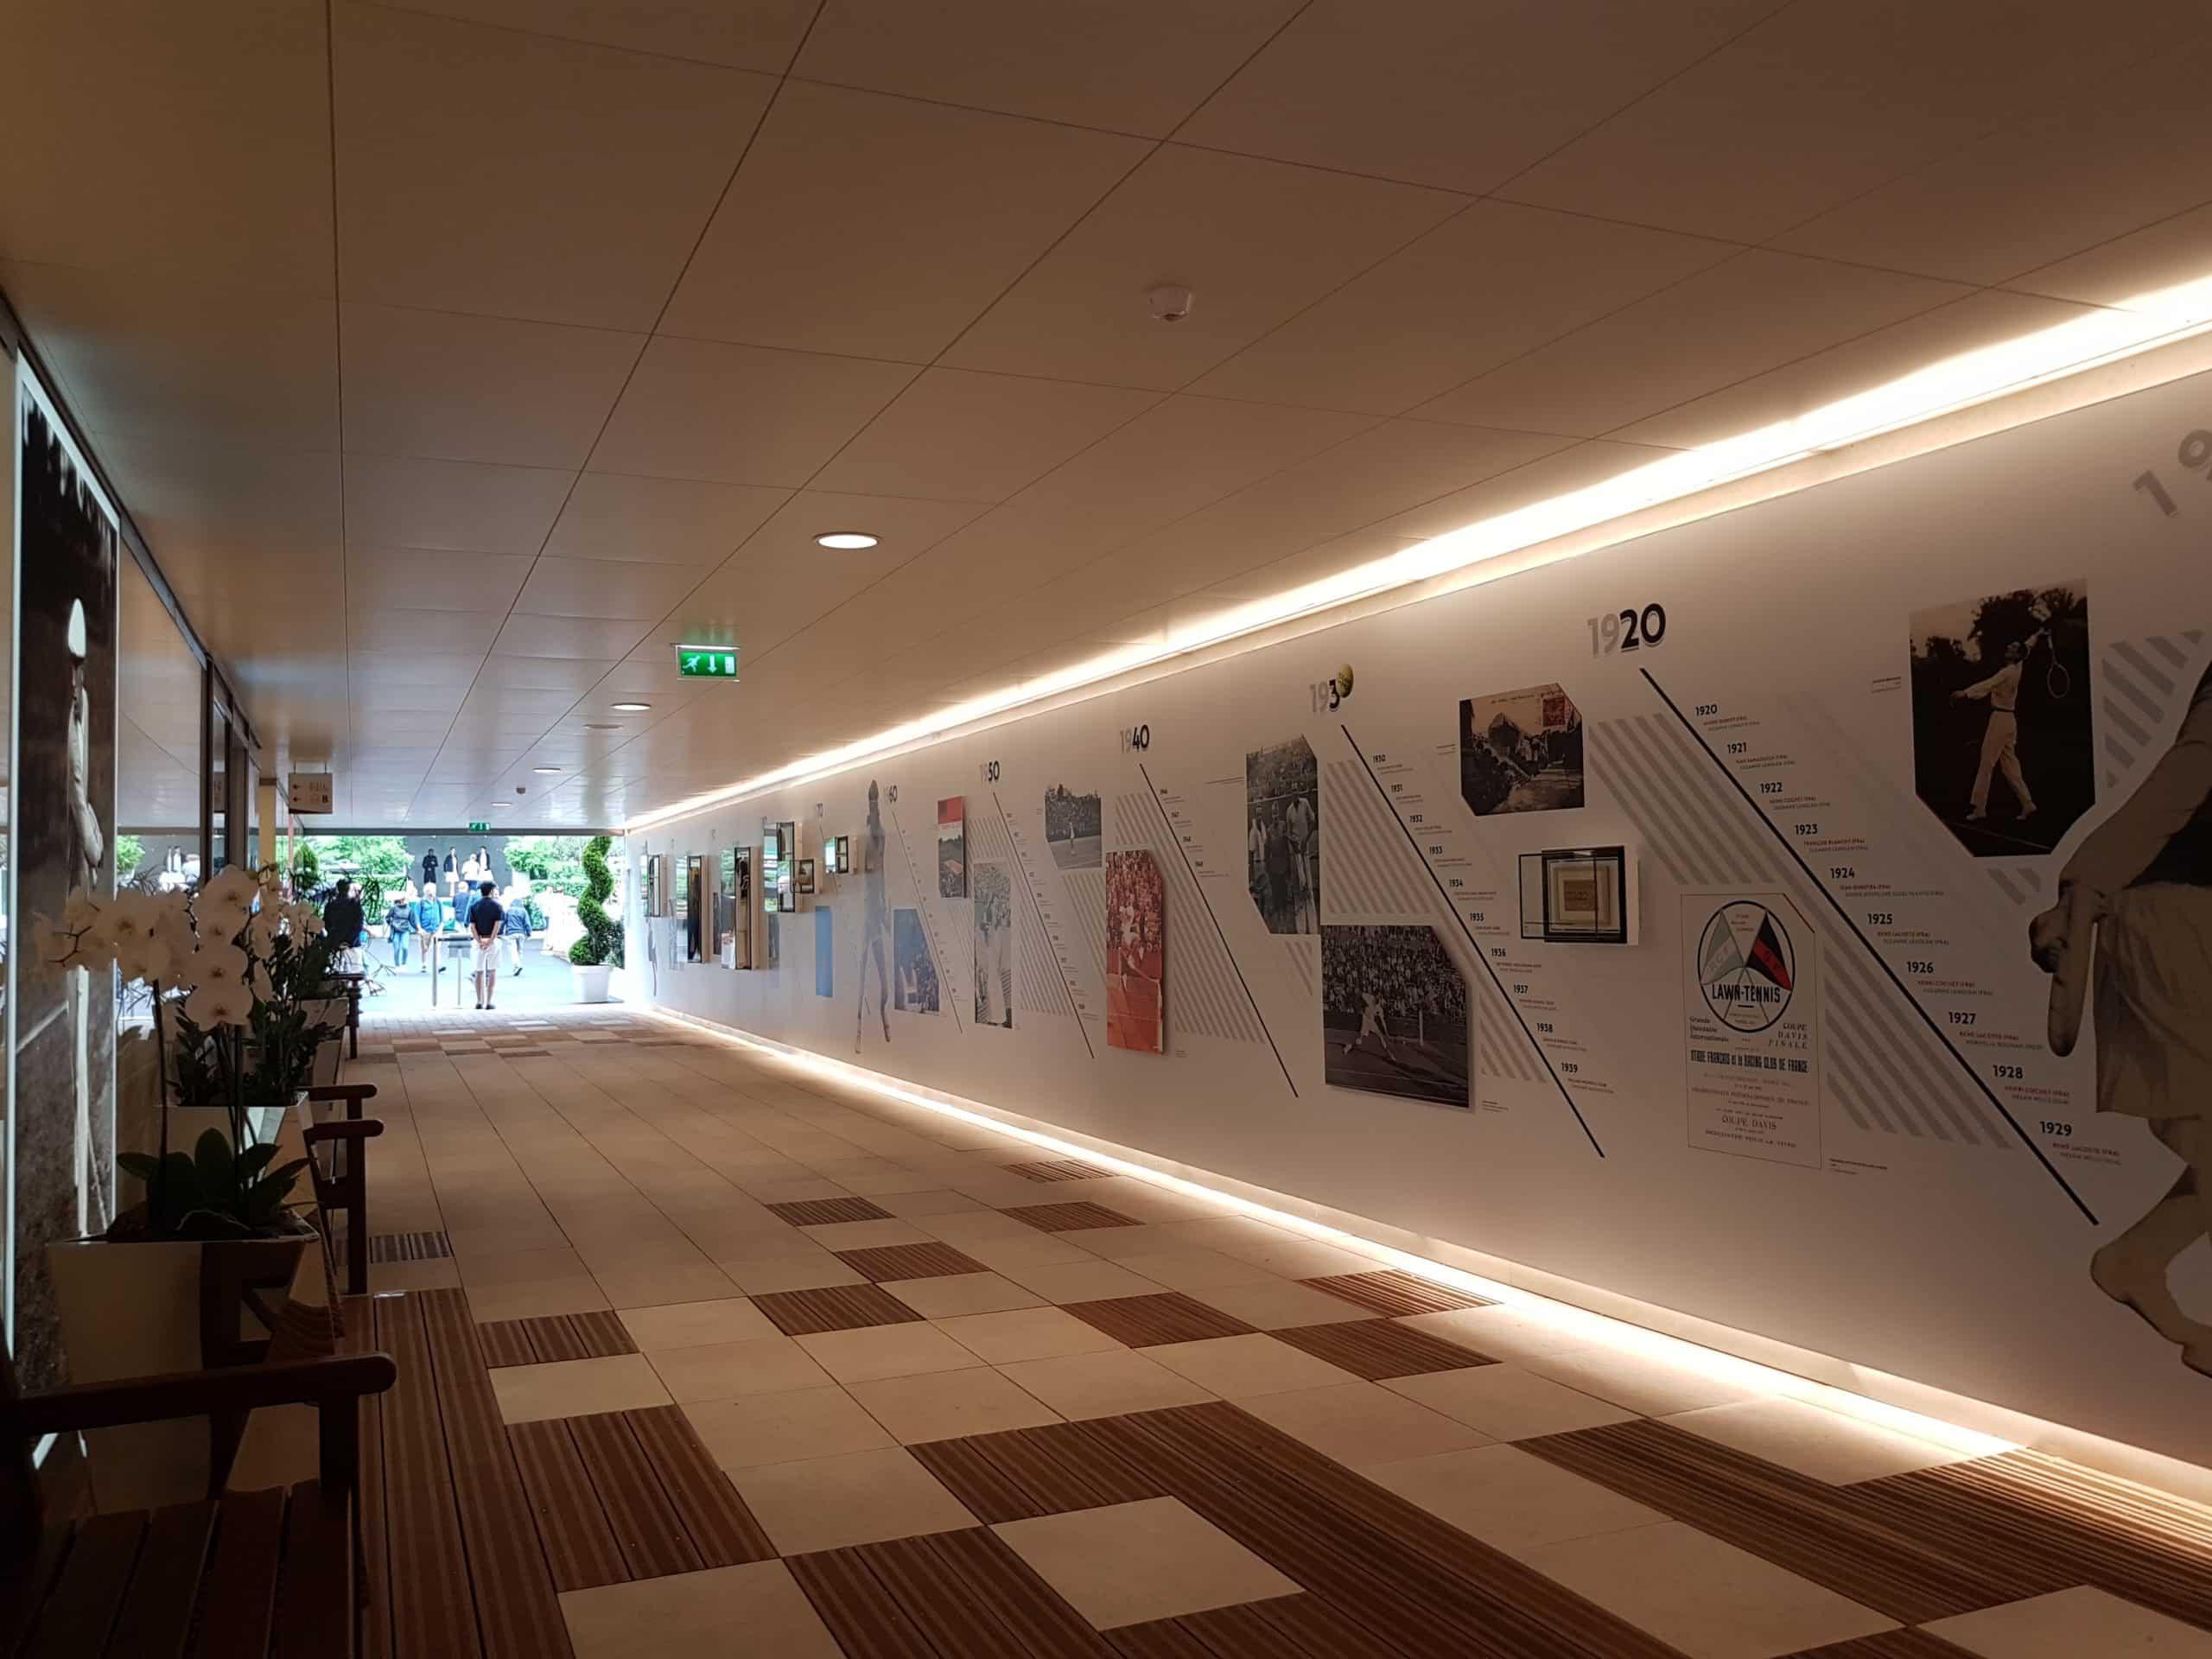 Le sol en pierre de l'entrée du couloir muséal remplacera le bitume des allées.